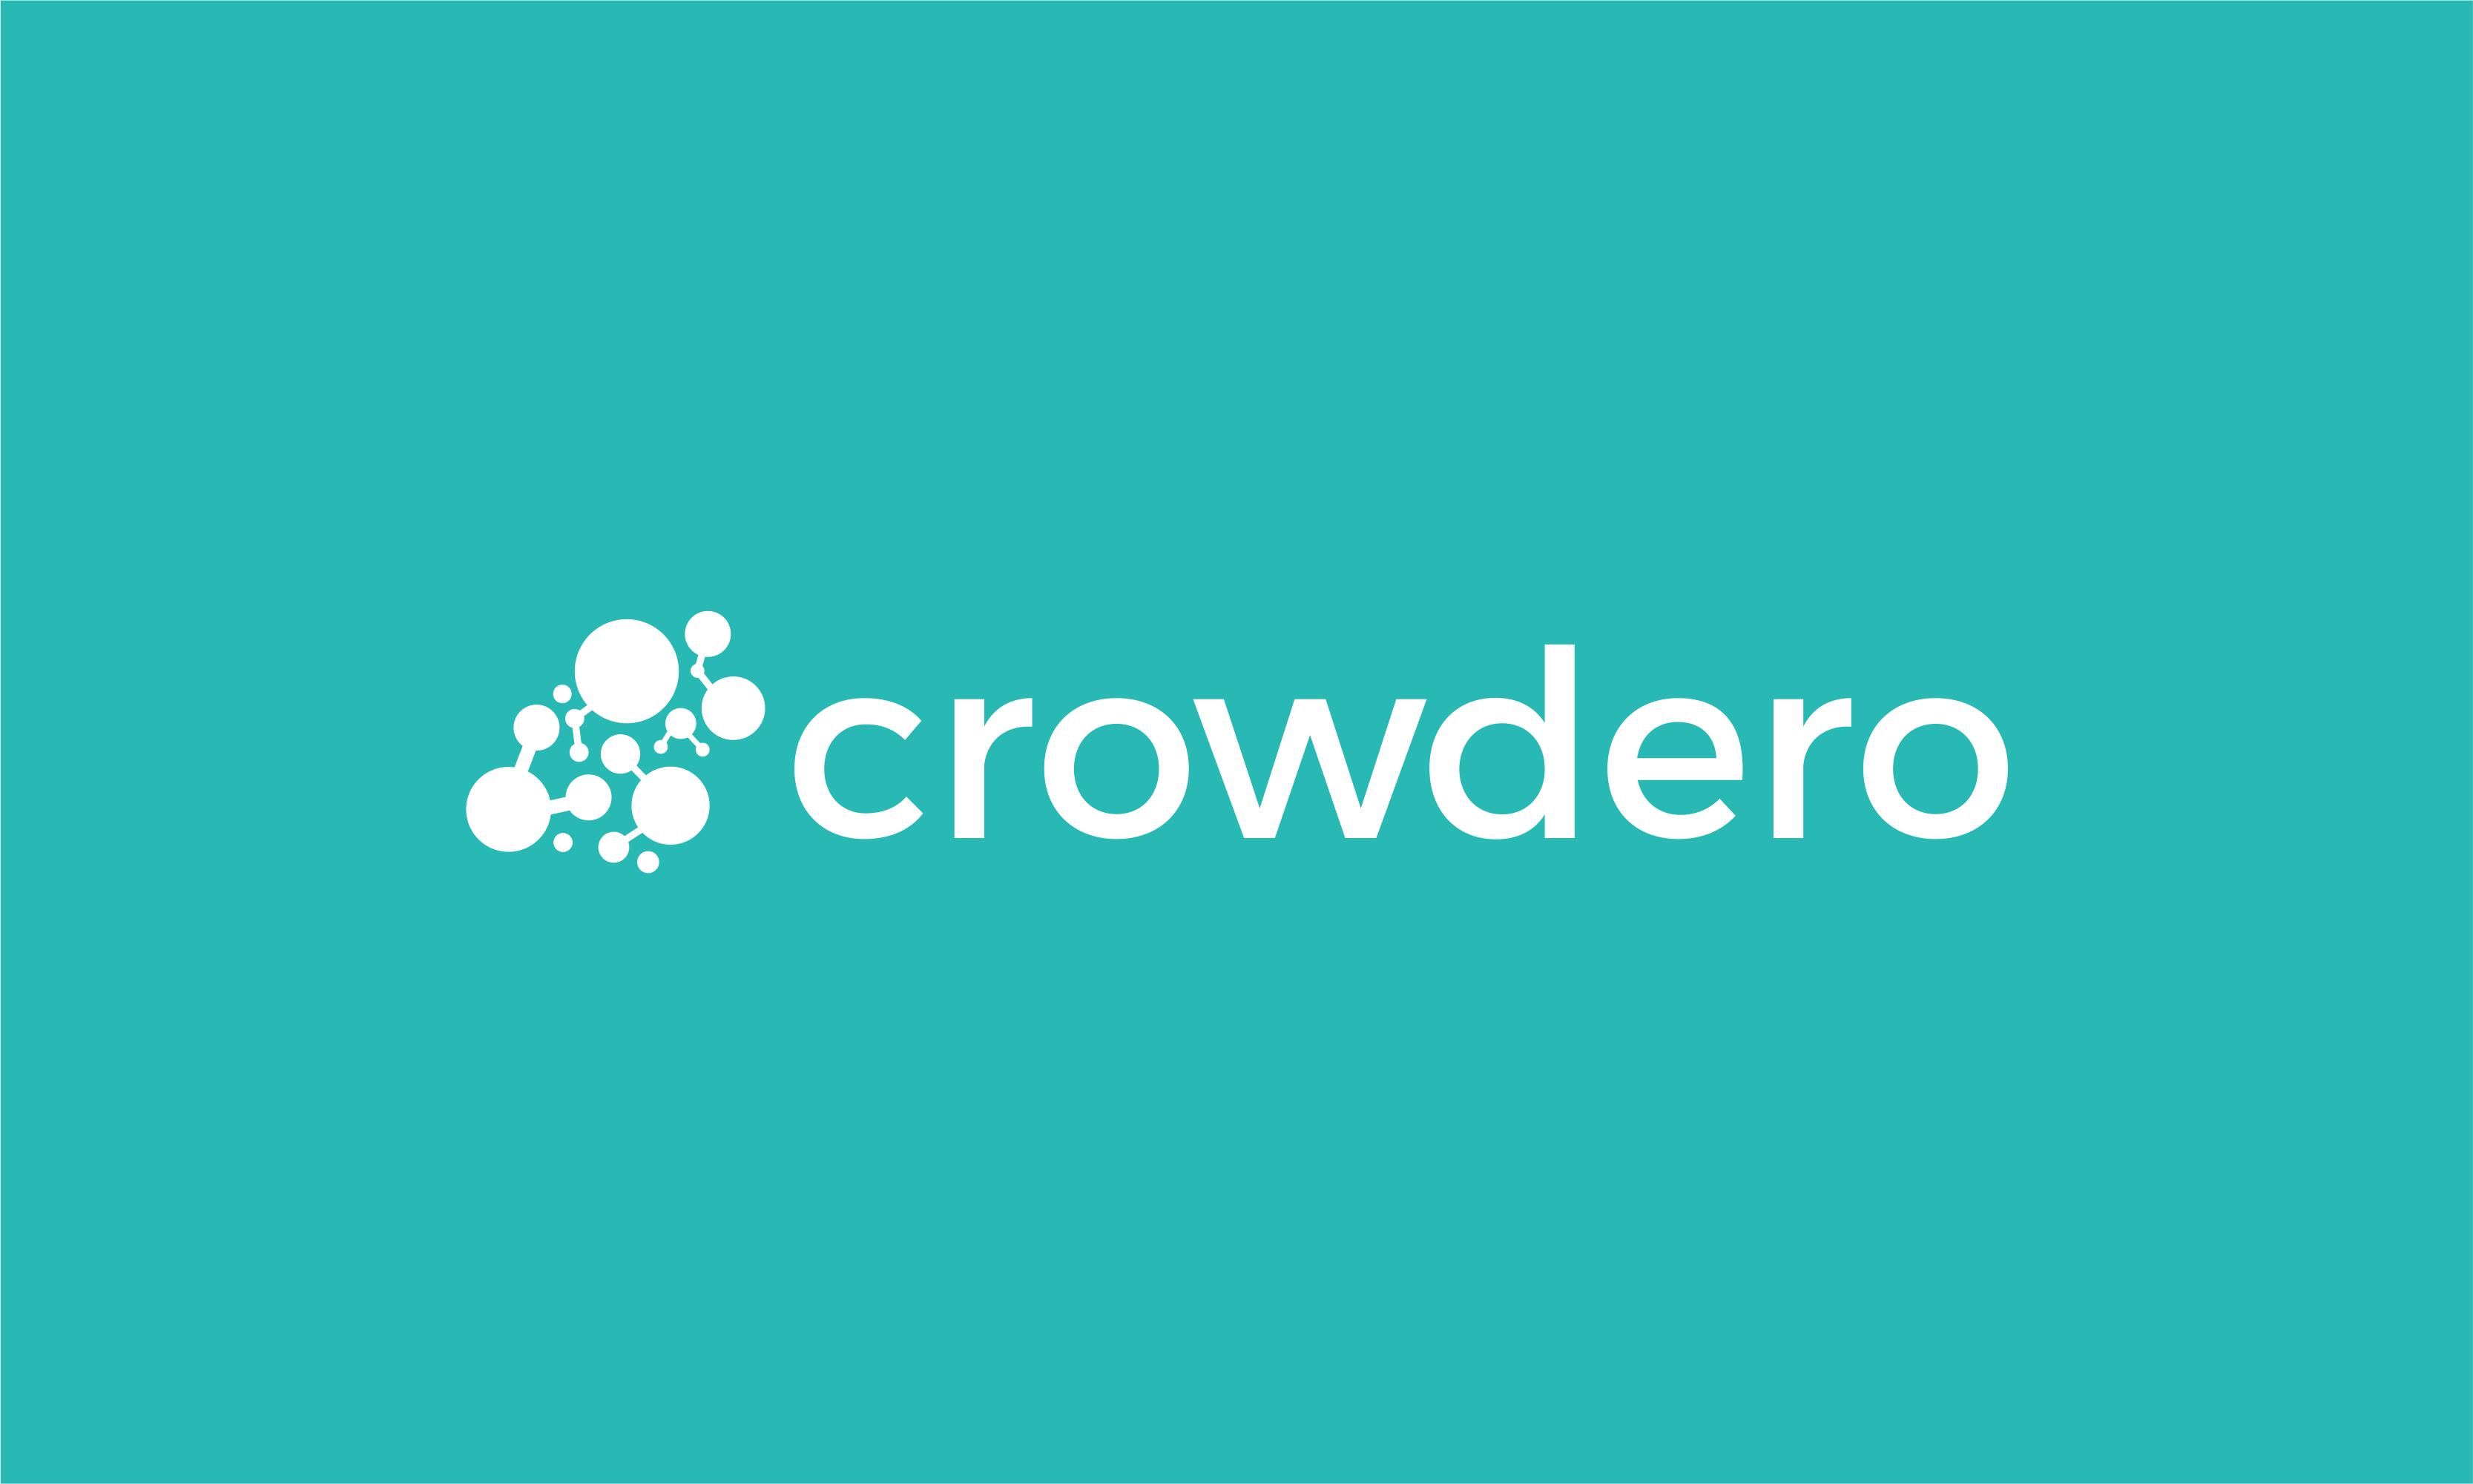 crowdero logo